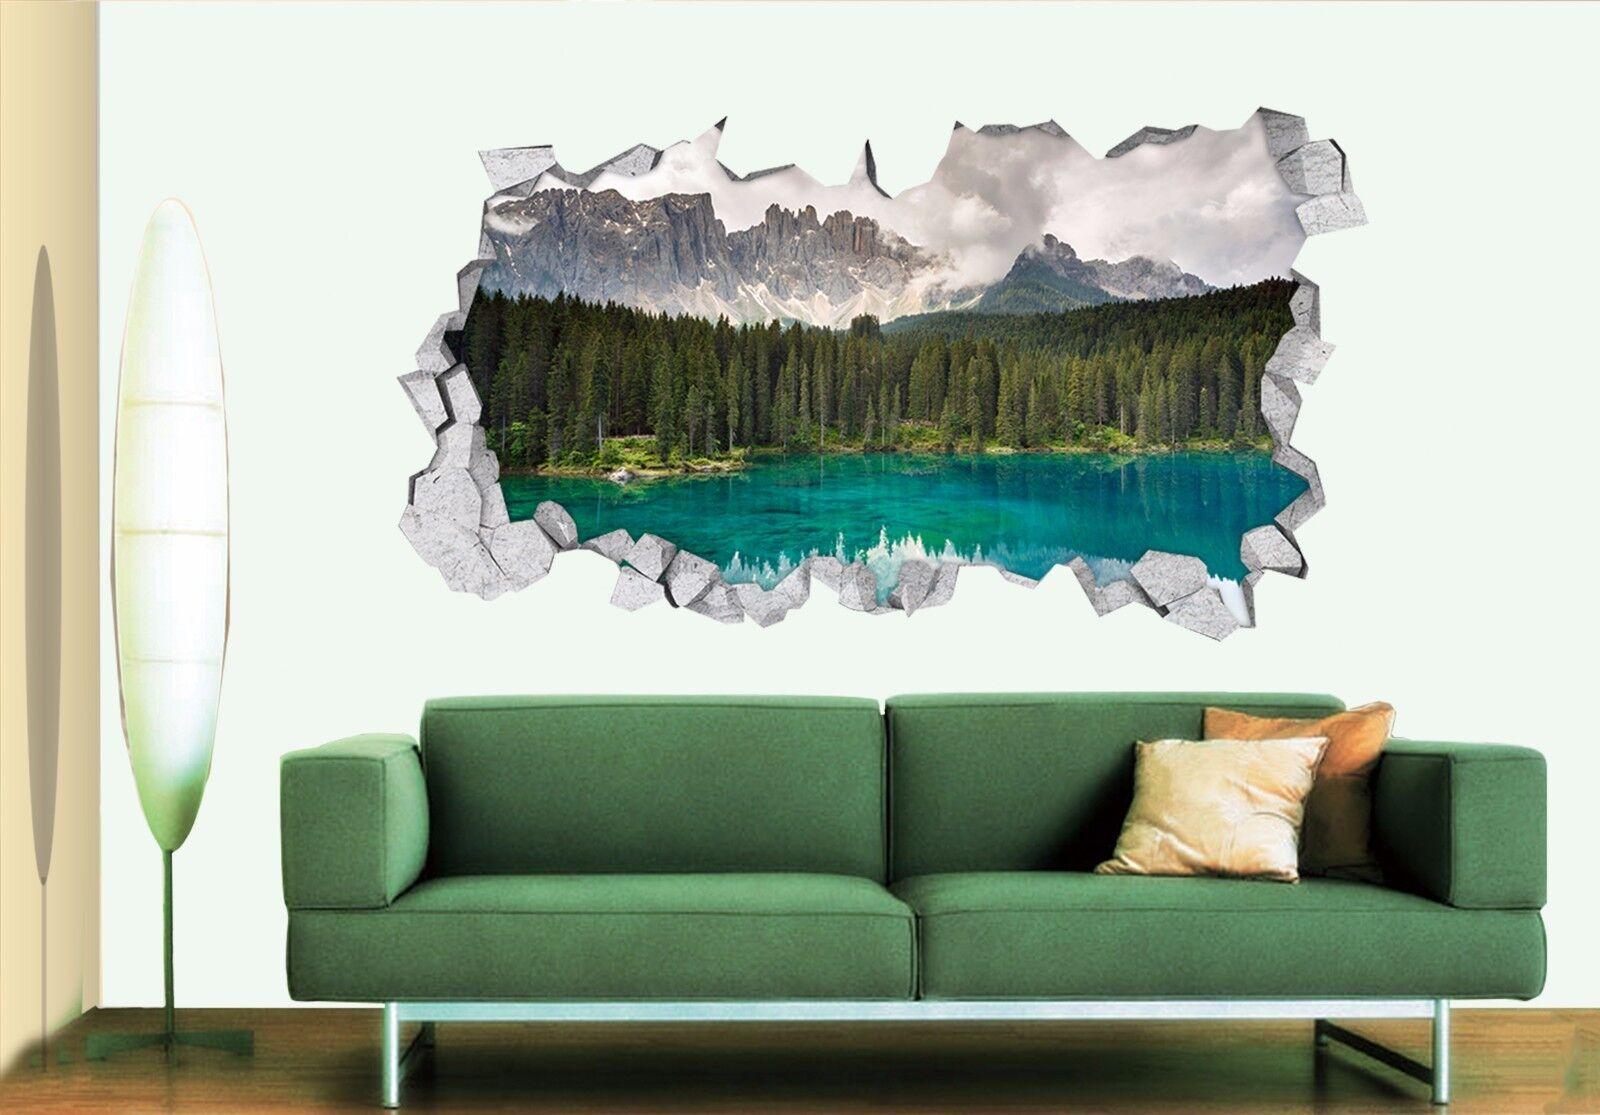 3D greene Holz See 7 Mauer Murals Mauer Aufklebe Decal Durchbruch AJ WALLPAPER DE